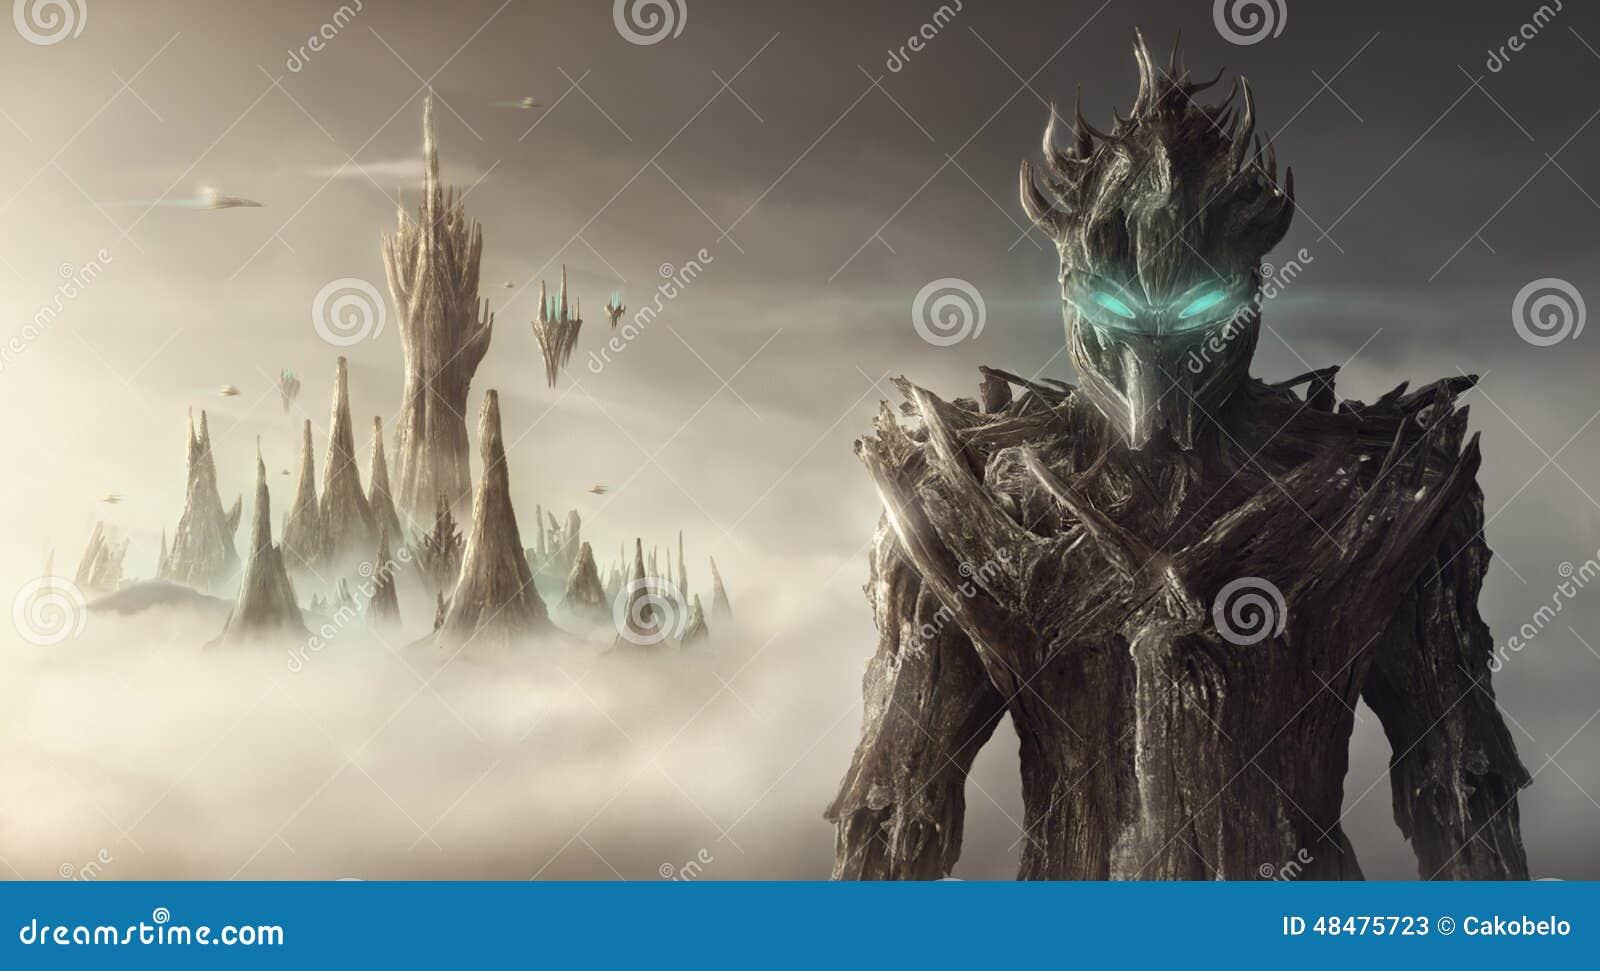 Fantasie artistiek beeld van een schepsel